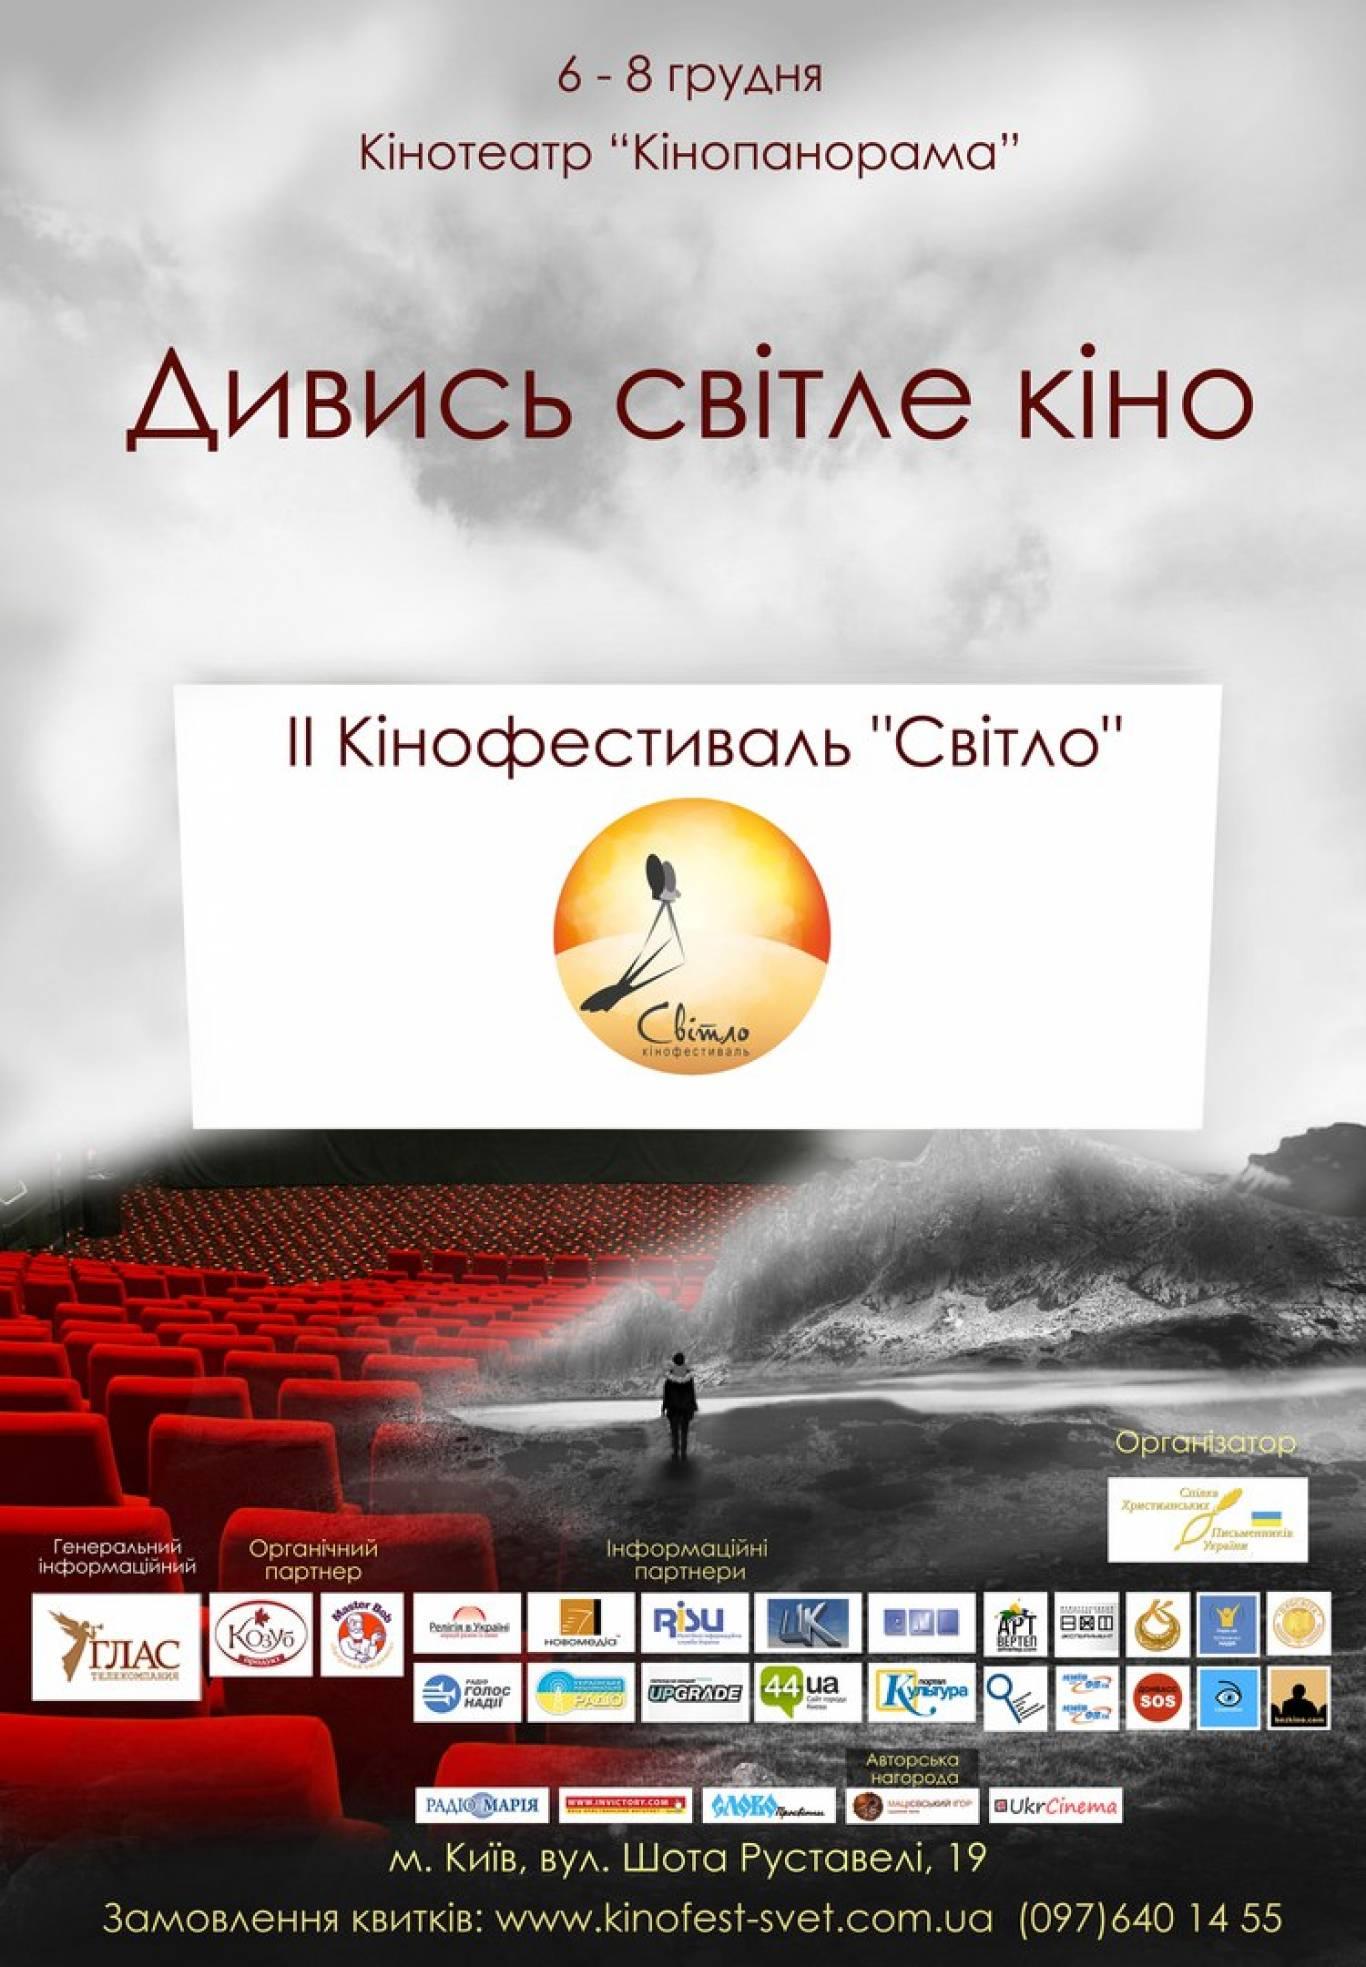 """2-й Міжнародний кінофестиваль «Світло» в кінотеатрі """"Кінопанорама"""""""